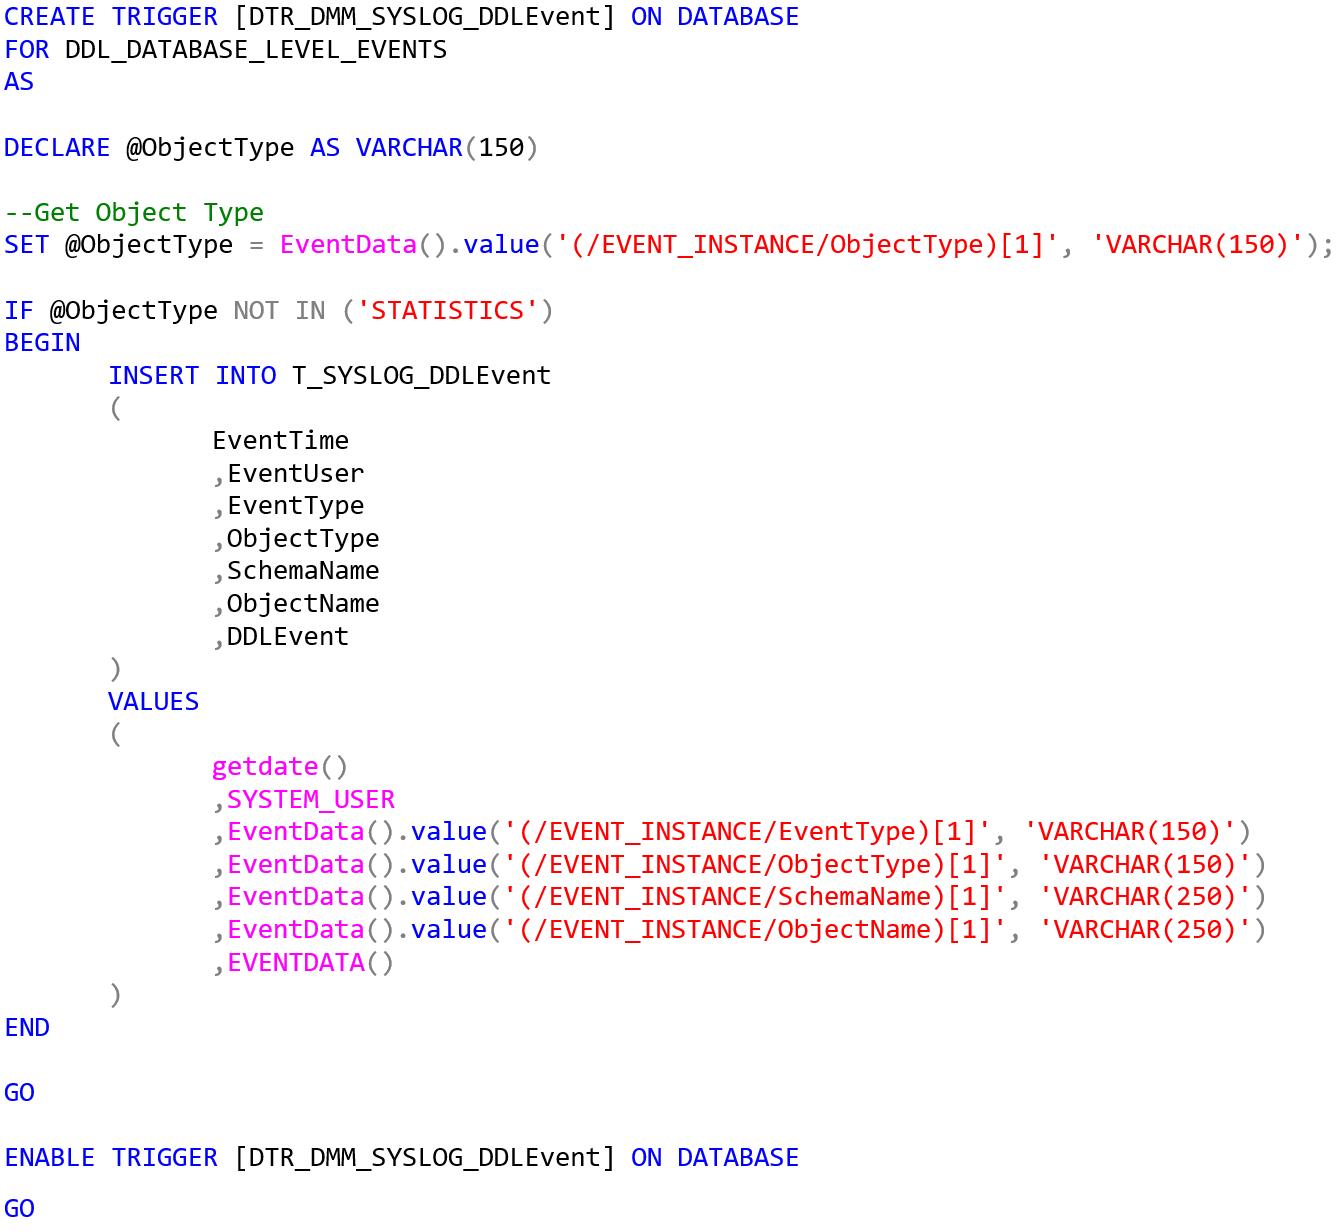 2020_08_28_crew_Vom Monolithen zur Enterprise Architecture - Ein Leitfaden_Code2